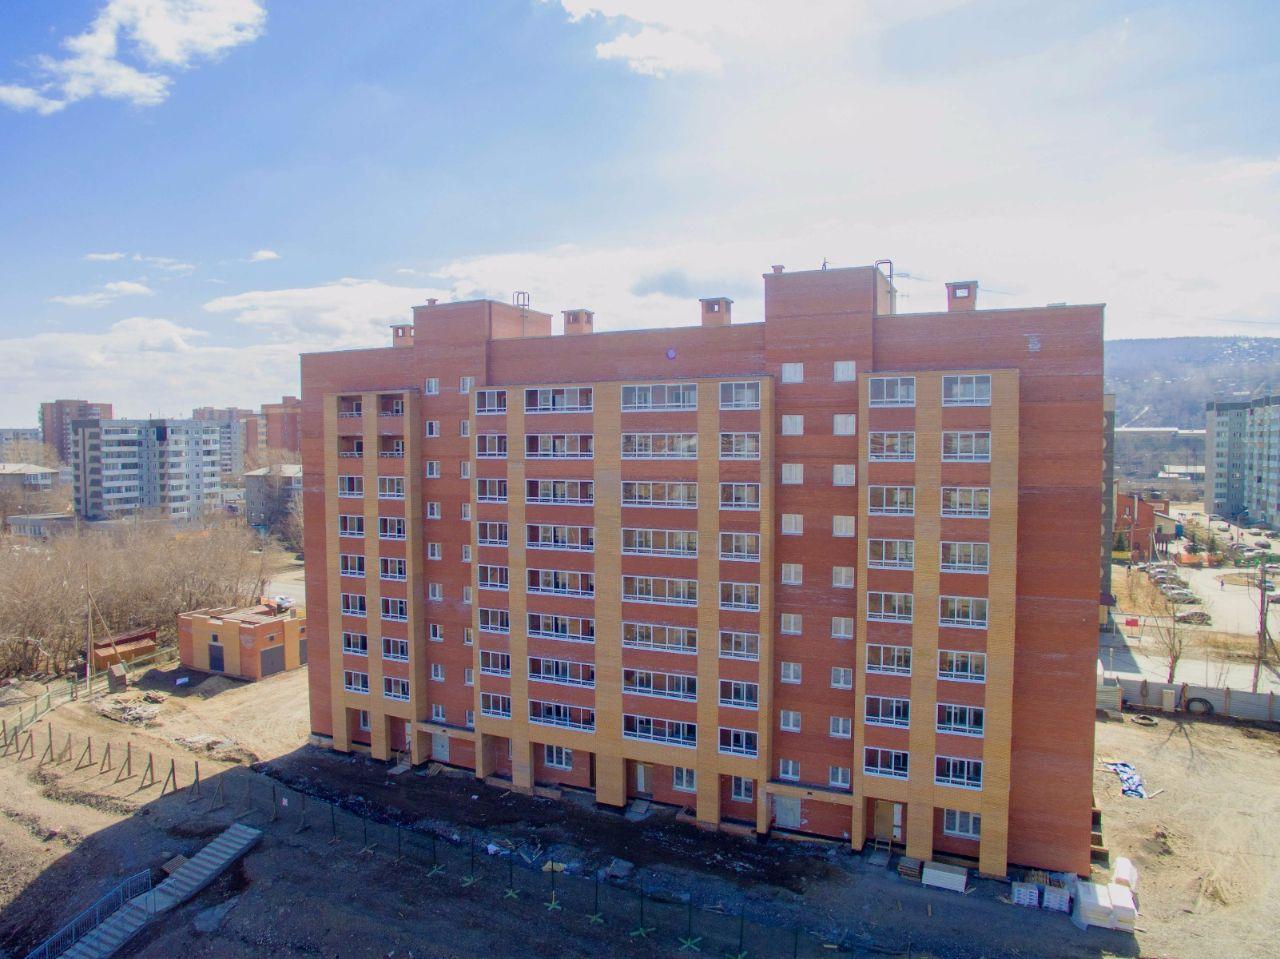 Вакансии сиблидер строительная компания красноярск официальный сайт компания русала официальный сайт